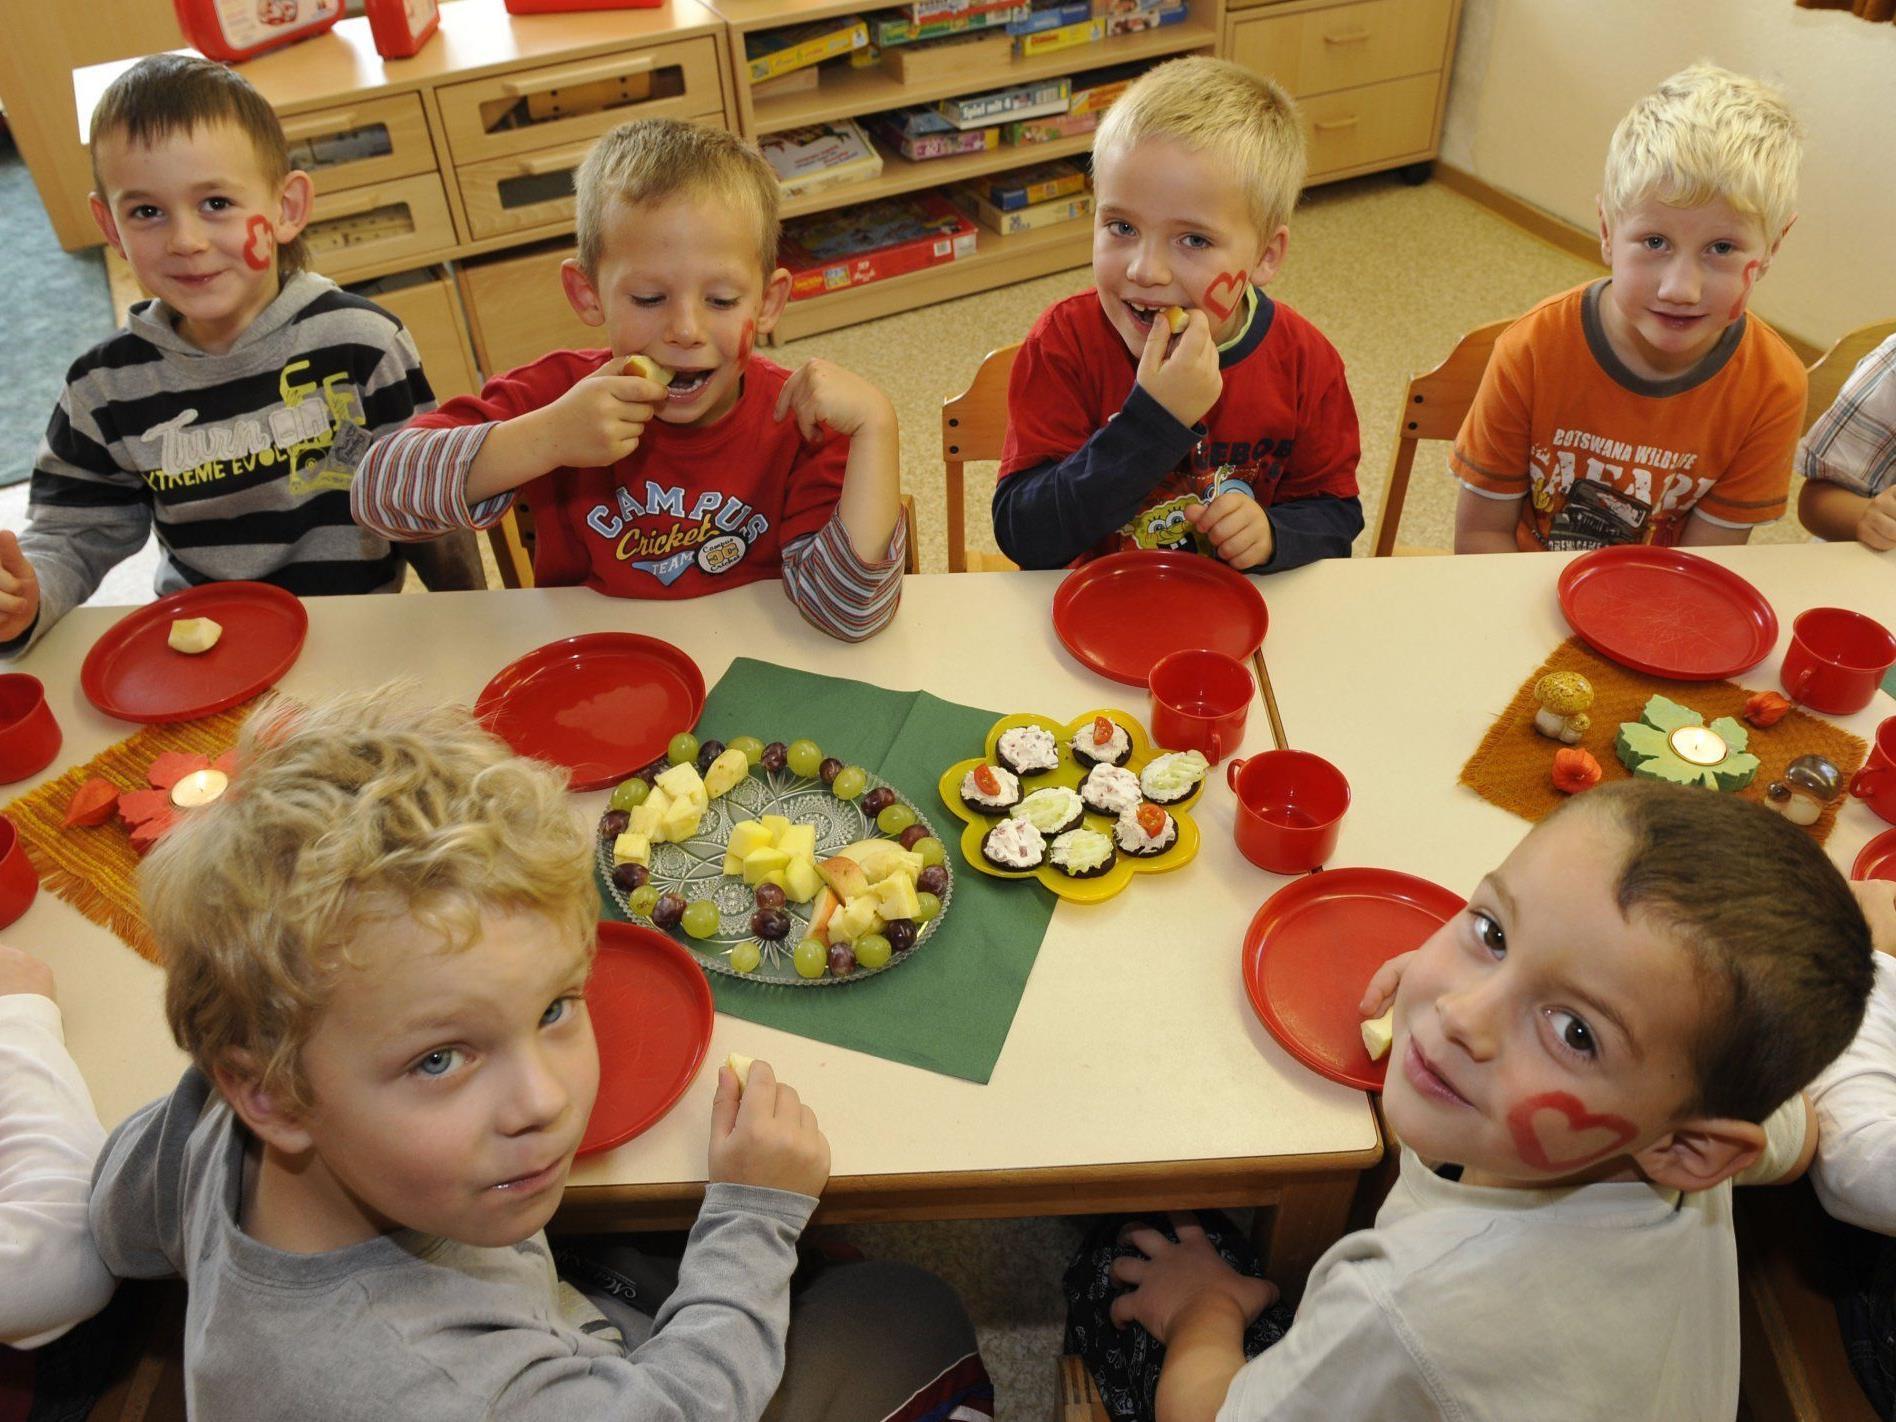 Die Kritik am Kindergartenstandort stößt auf Unverständnis bei den Bludenzer Stadtverantwortlichen